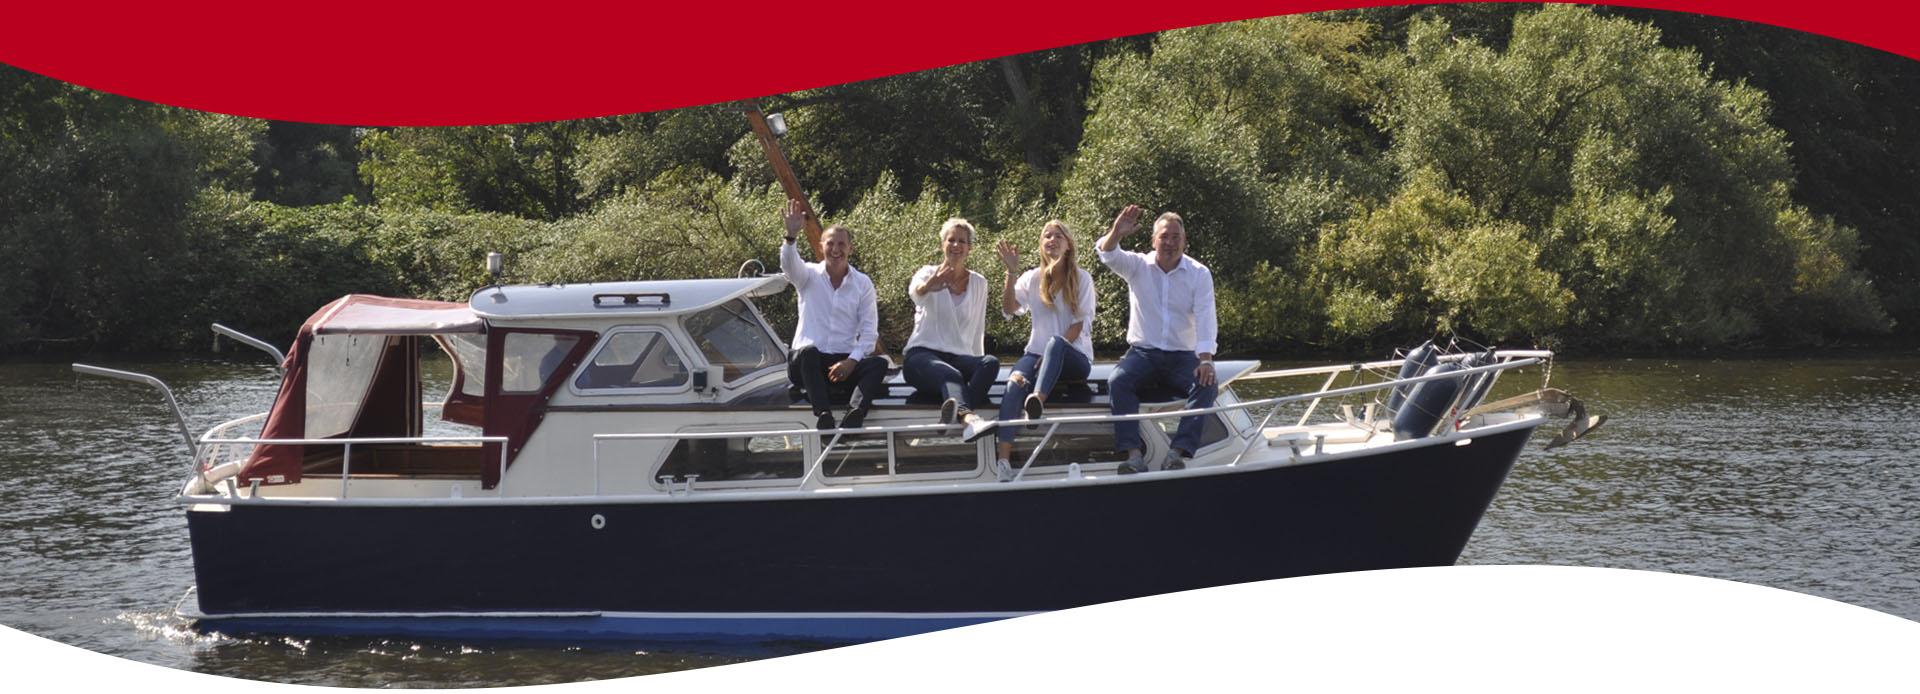 Mannschaft auf dem Boot sitzend und winkend